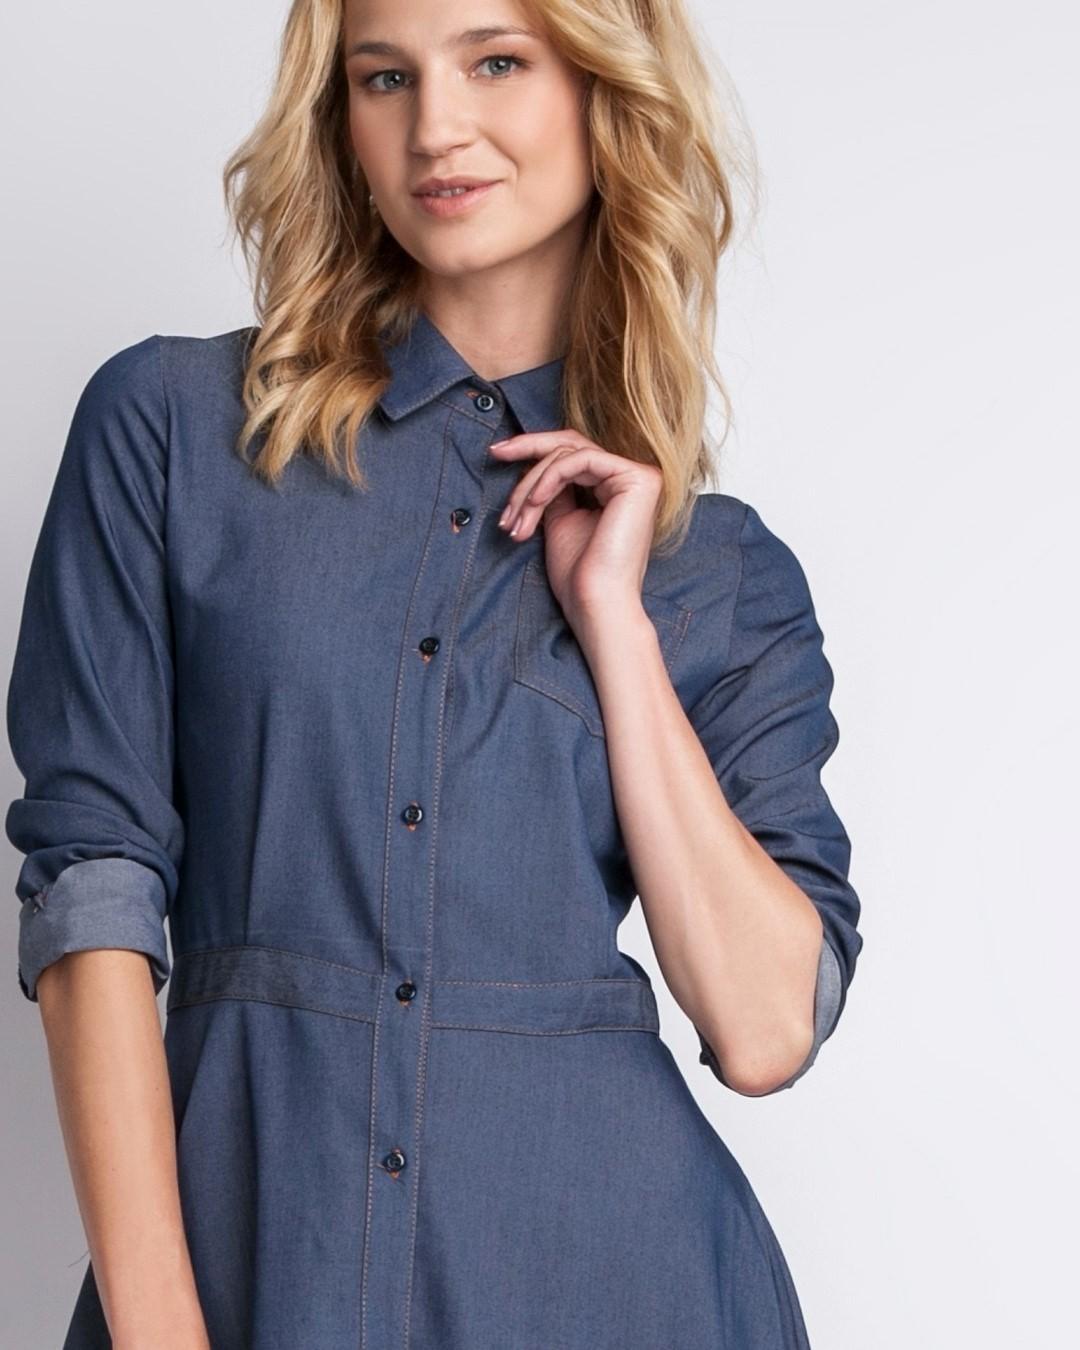 Wygoda dżinsowej koszuli + kobiecość i klasa. Chyba mamy sukienkę idealną.  #sukienkanacodzien #sukienkazdzinsu #jeansowasukienka #jeansdress #sukienki #instasummer #bestdress